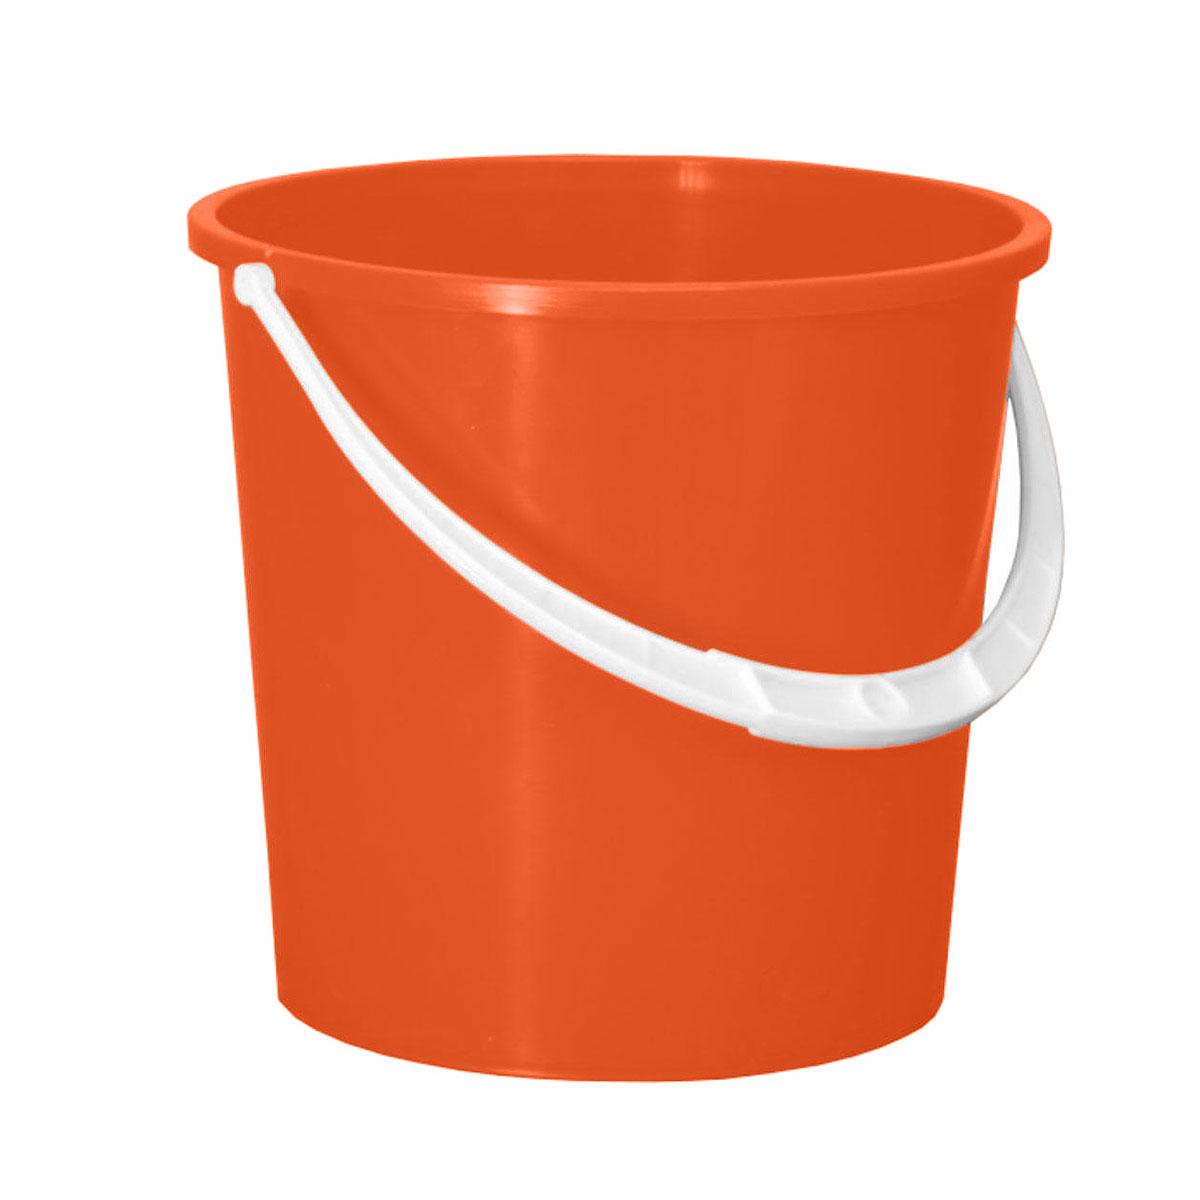 Ведро Альтернатива Крепыш, цвет: оранжевый, 5 лК340Ведро Альтернатива Крепыш изготовлено из высококачественного одноцветногопластика. Оно легче железного и не подвержено коррозии.Ведро оснащено удобной пластиковой ручкой. Такое ведро станет незаменимымпомощником в хозяйстве.Размер: 22 см x 22 см x 20,5 см.